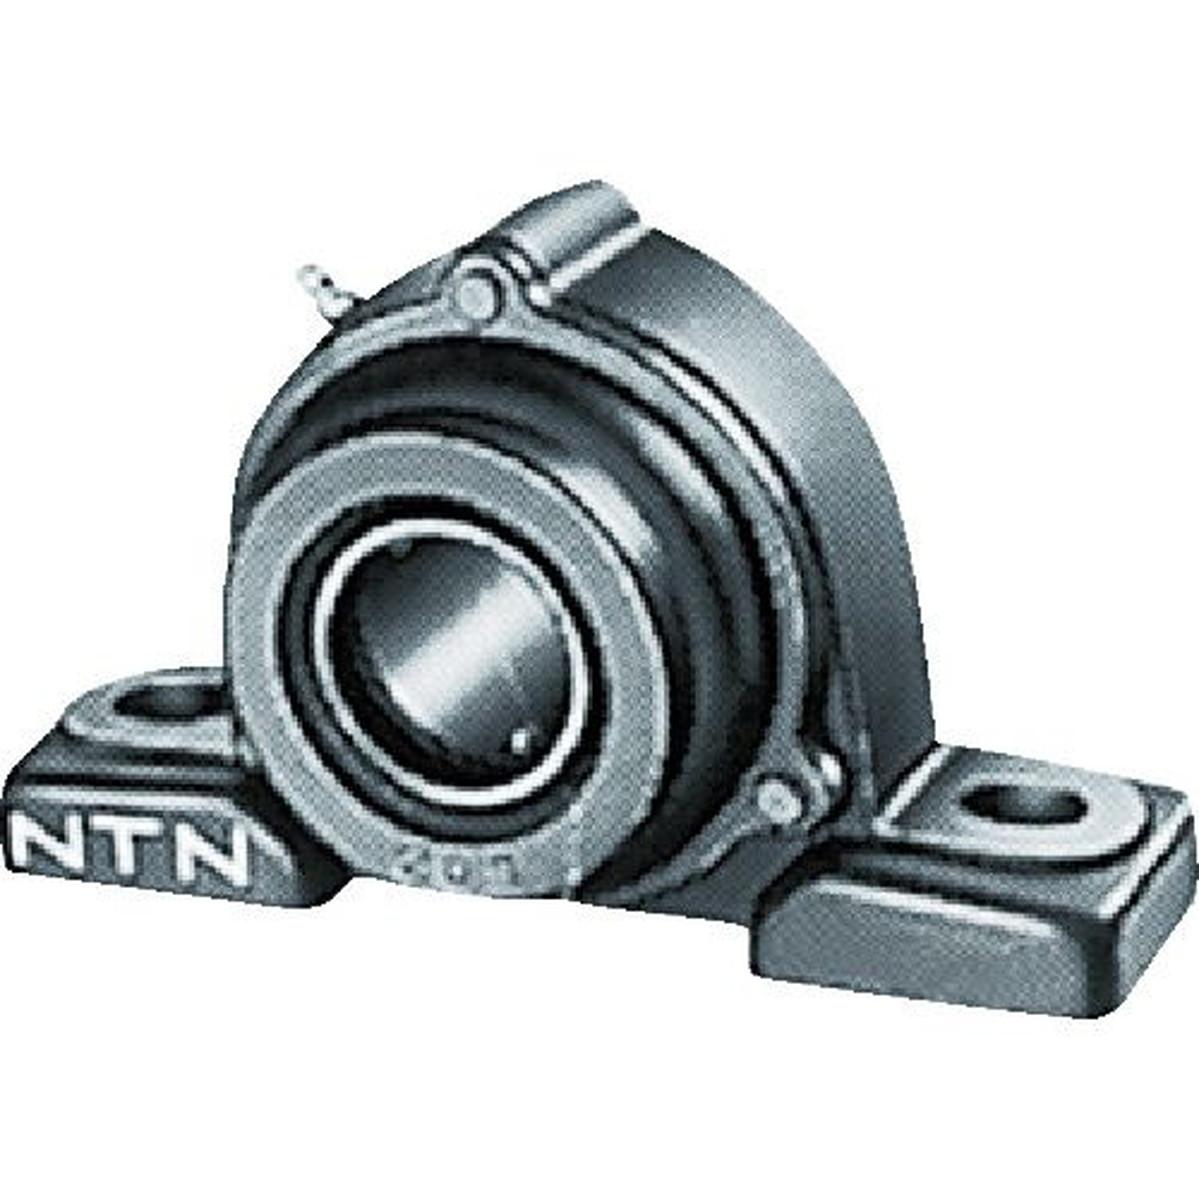 【返品交換不可】 NTNNTN Gベアリングユニット(テーパ穴形アダプタ式)軸径85mm中心高125mm 1個, 福岡江久母:db09ebaf --- beautyflurry.com